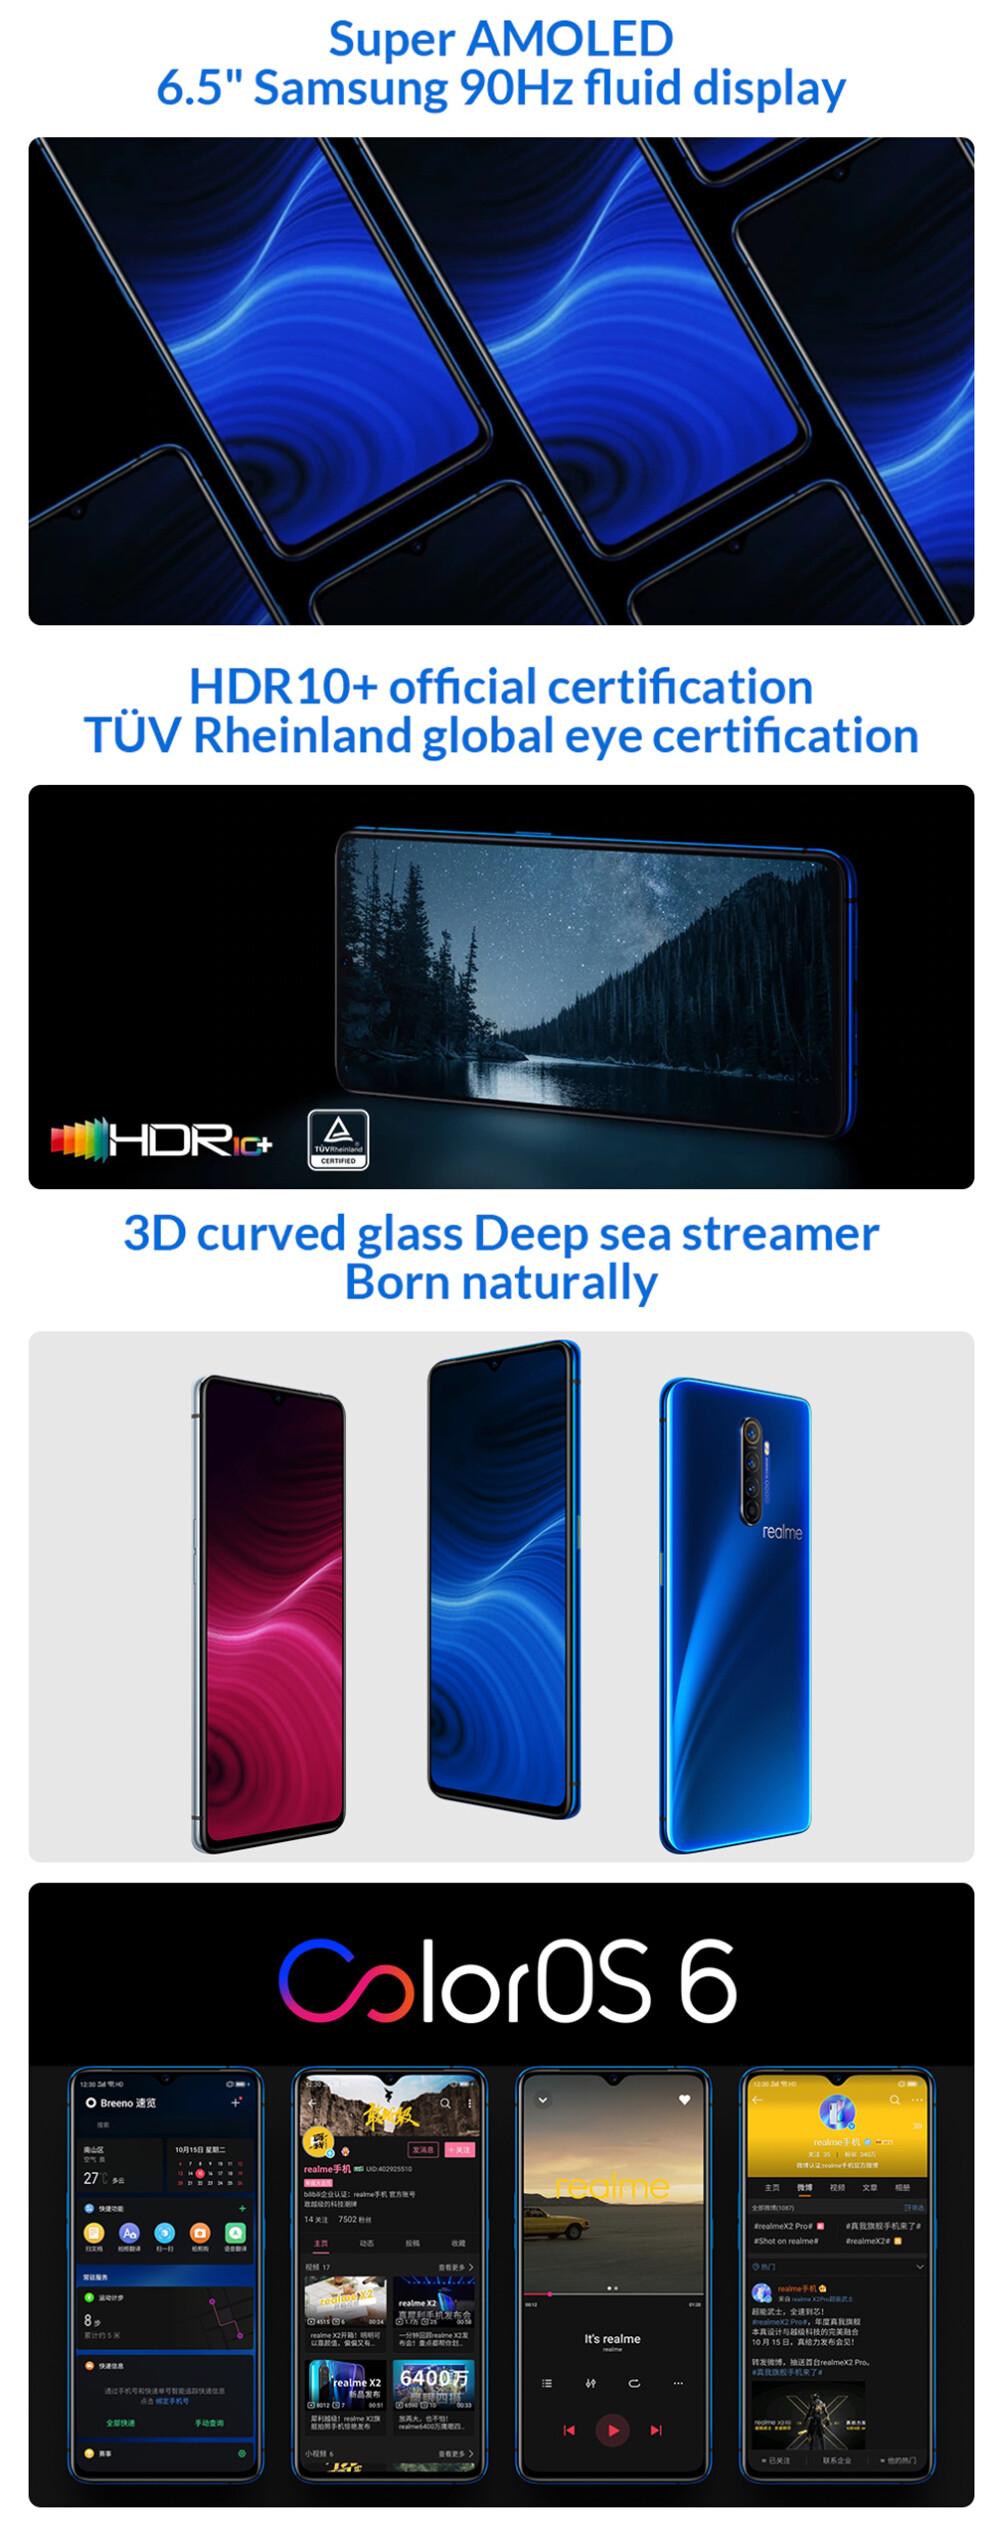 【มีเมนูไทย+GMS】Realme X2 Pro 6 5นิ้ว FHD+ Samsung 90Hz Fluid Super AMOLED  NFC 64MP Quad กล้องด้านหลัง 8GB RAM 128/256GB รอม Snapdragon 855 plus